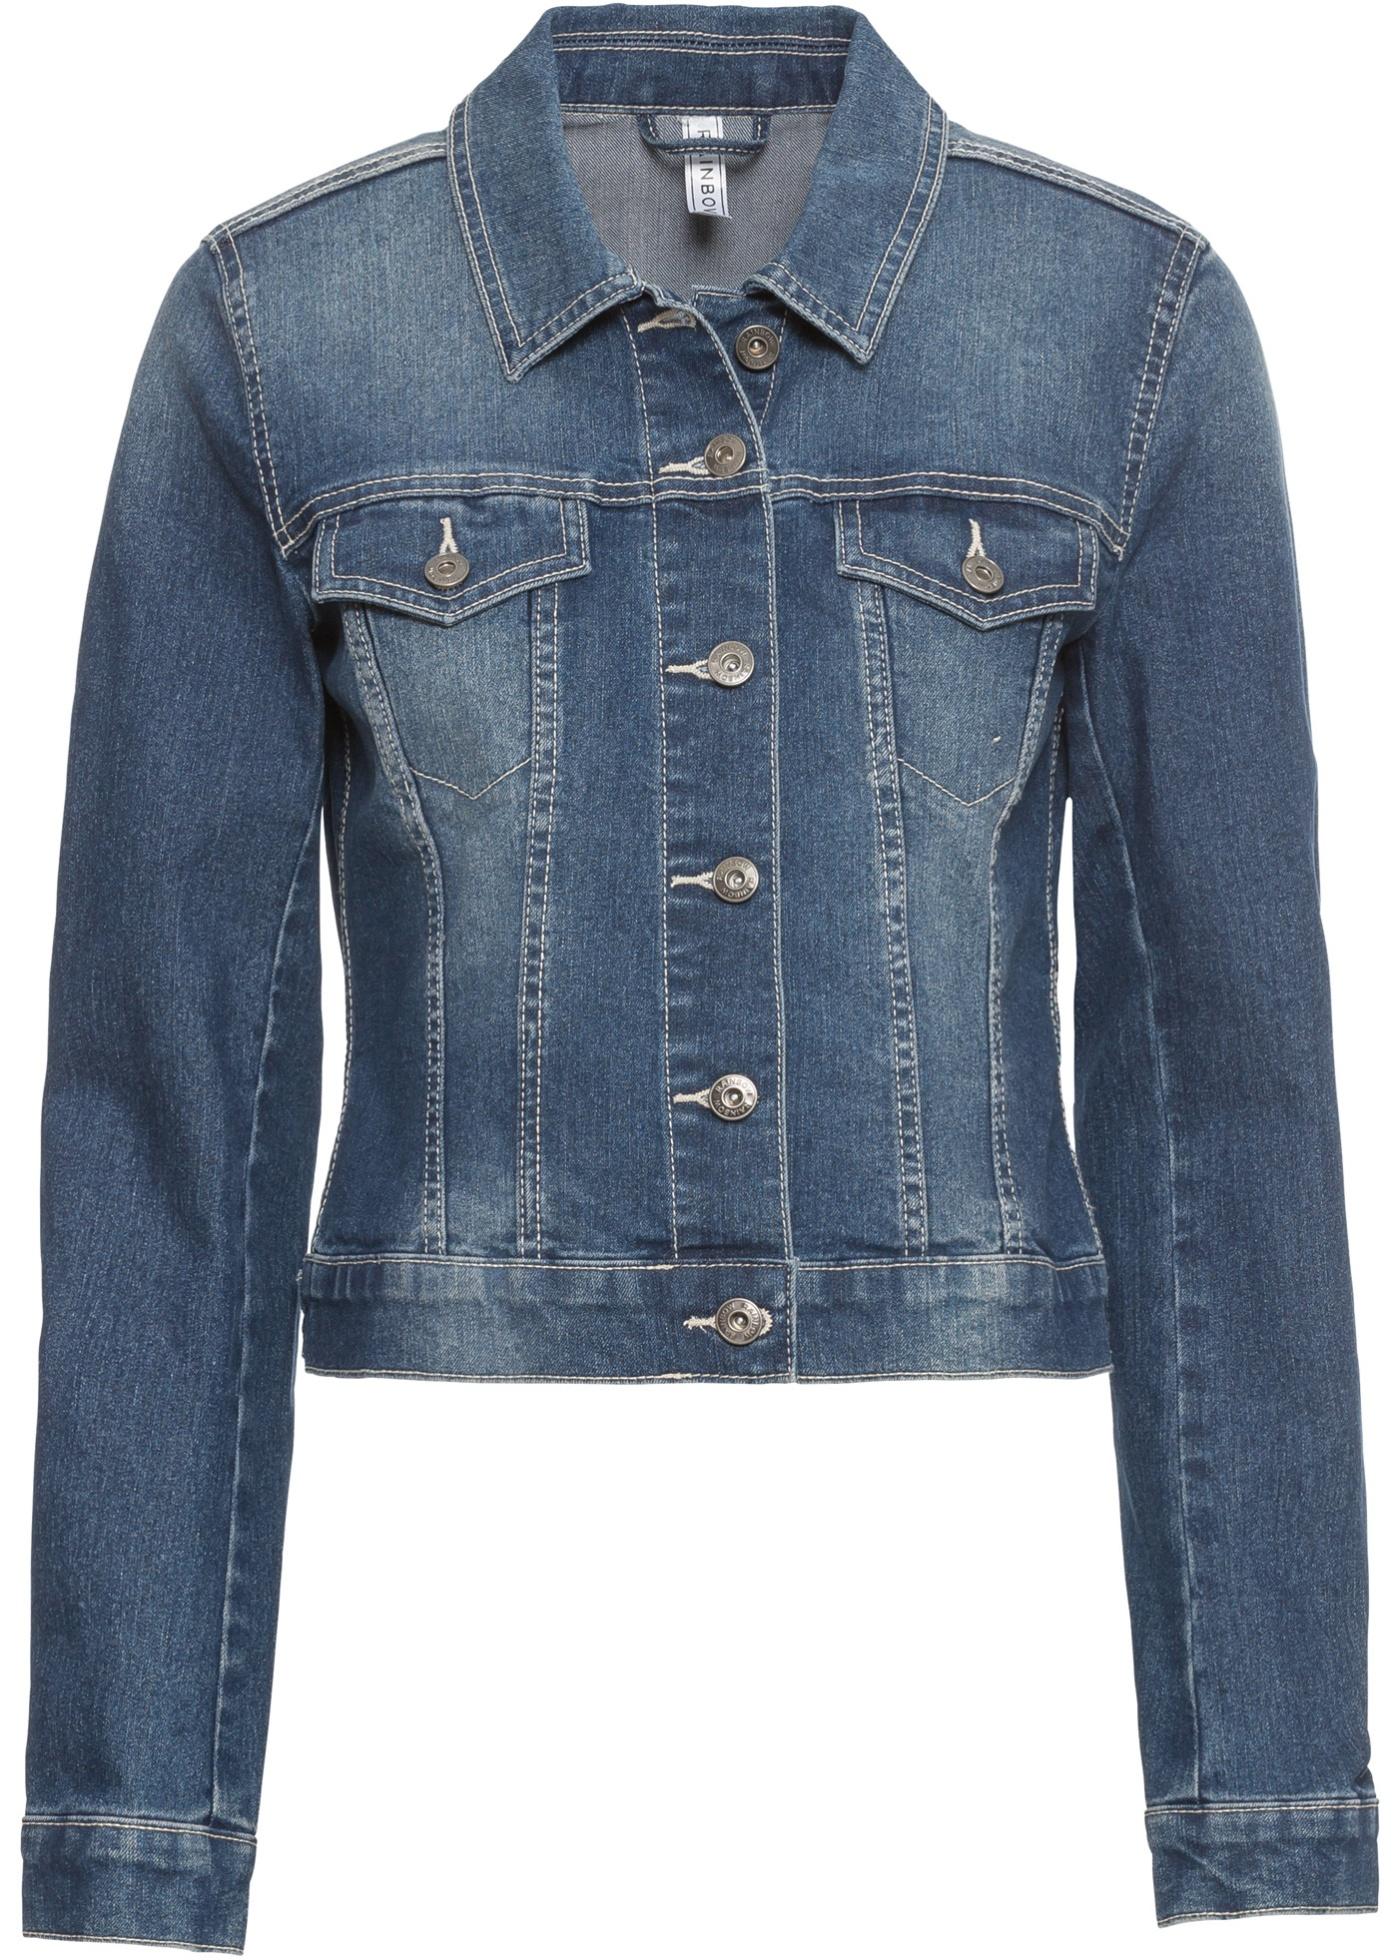 Džínová bunda s ozdobou - Modrá